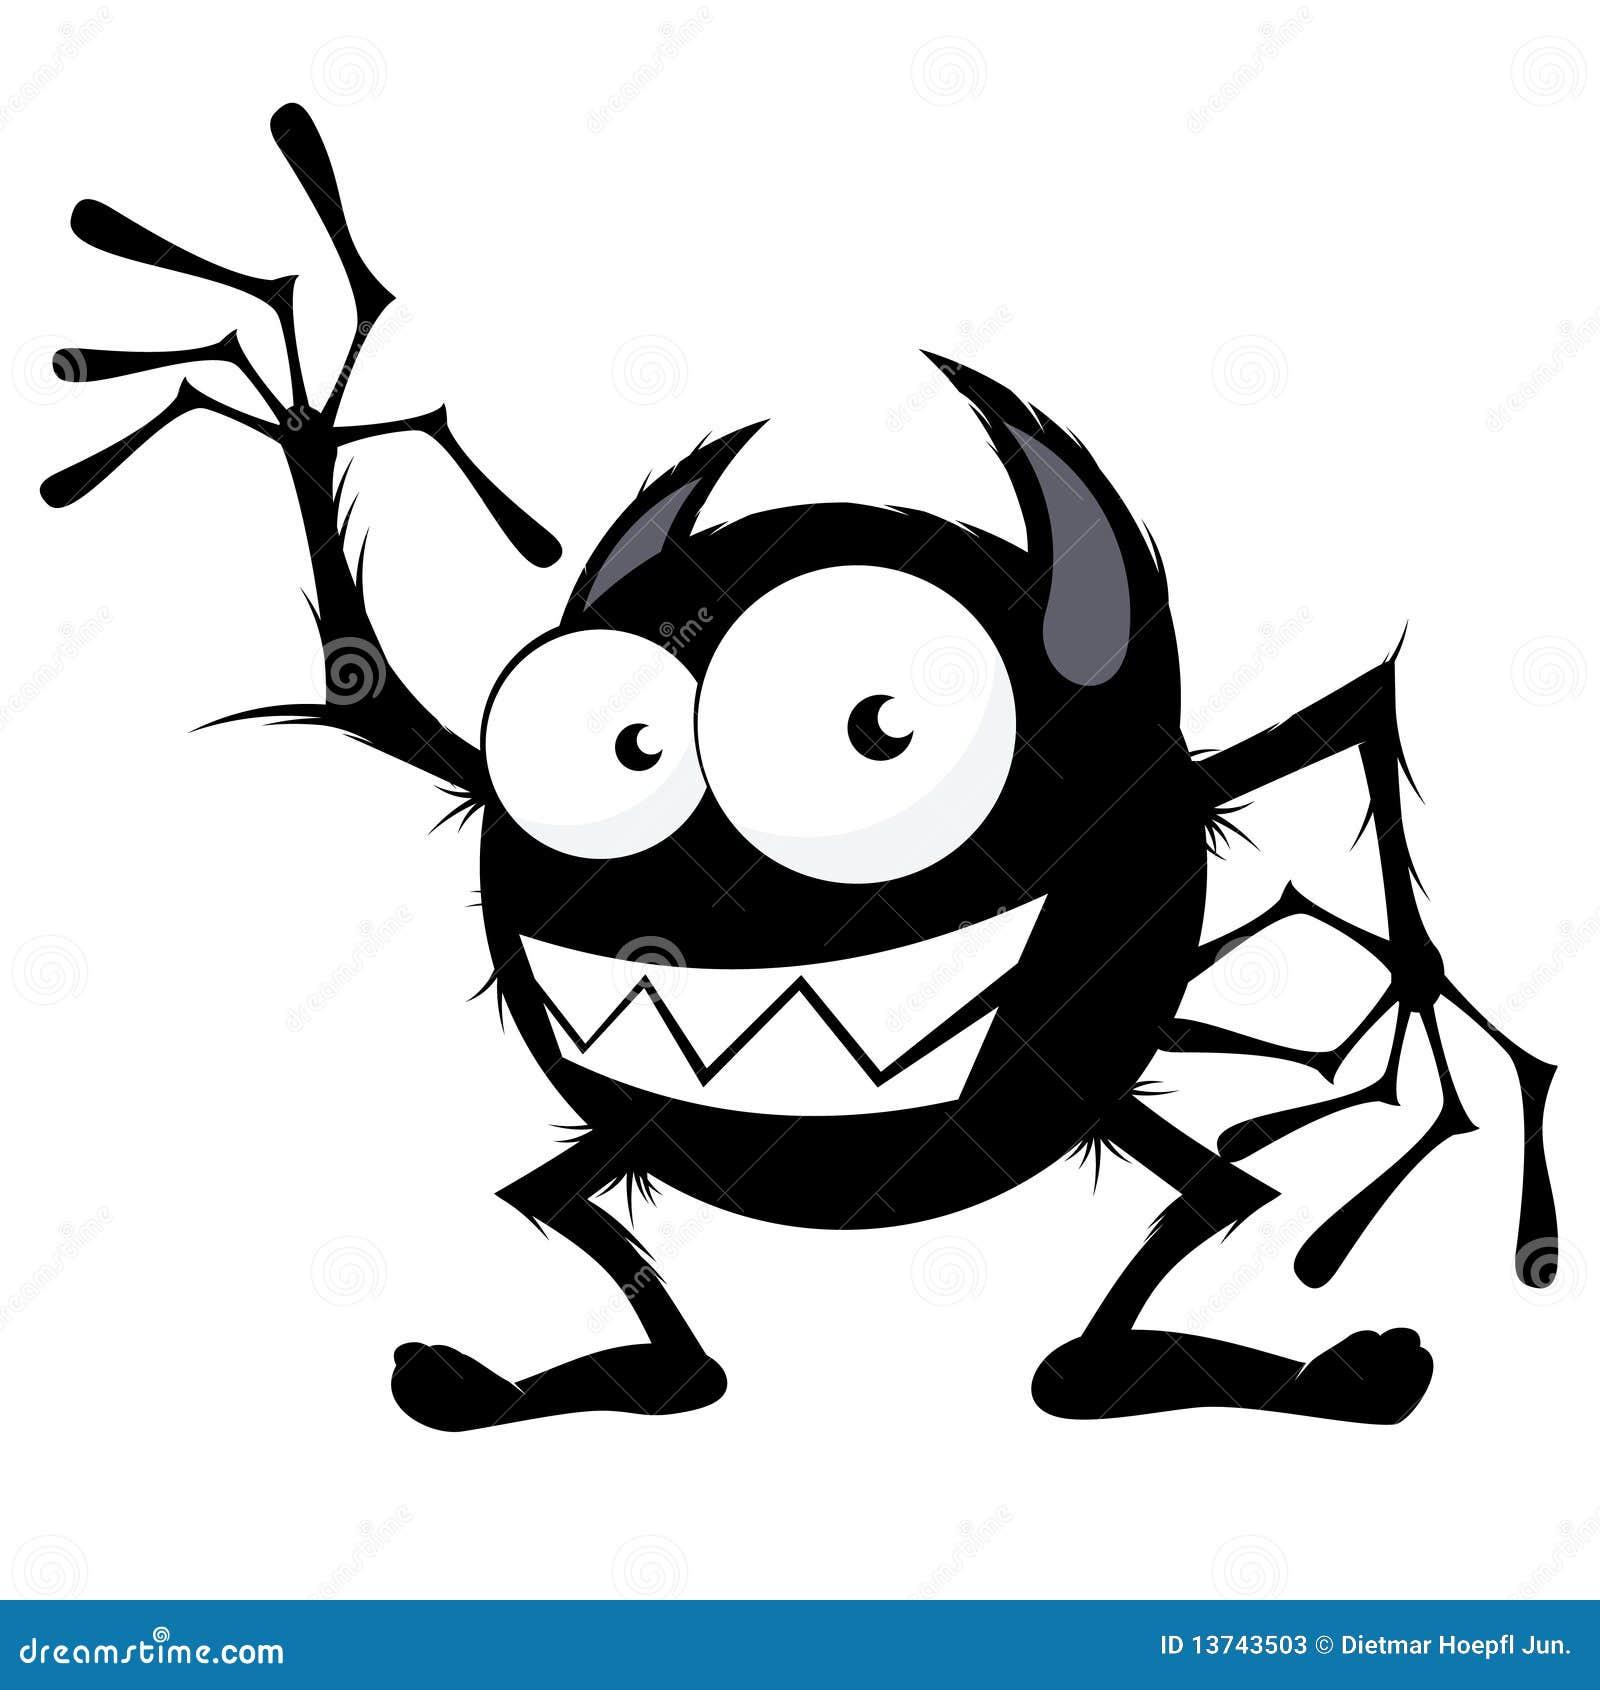 μεγάλο μαύρο τέρας πουλί λεσβιακό τριχωτό μουνί βίντεο